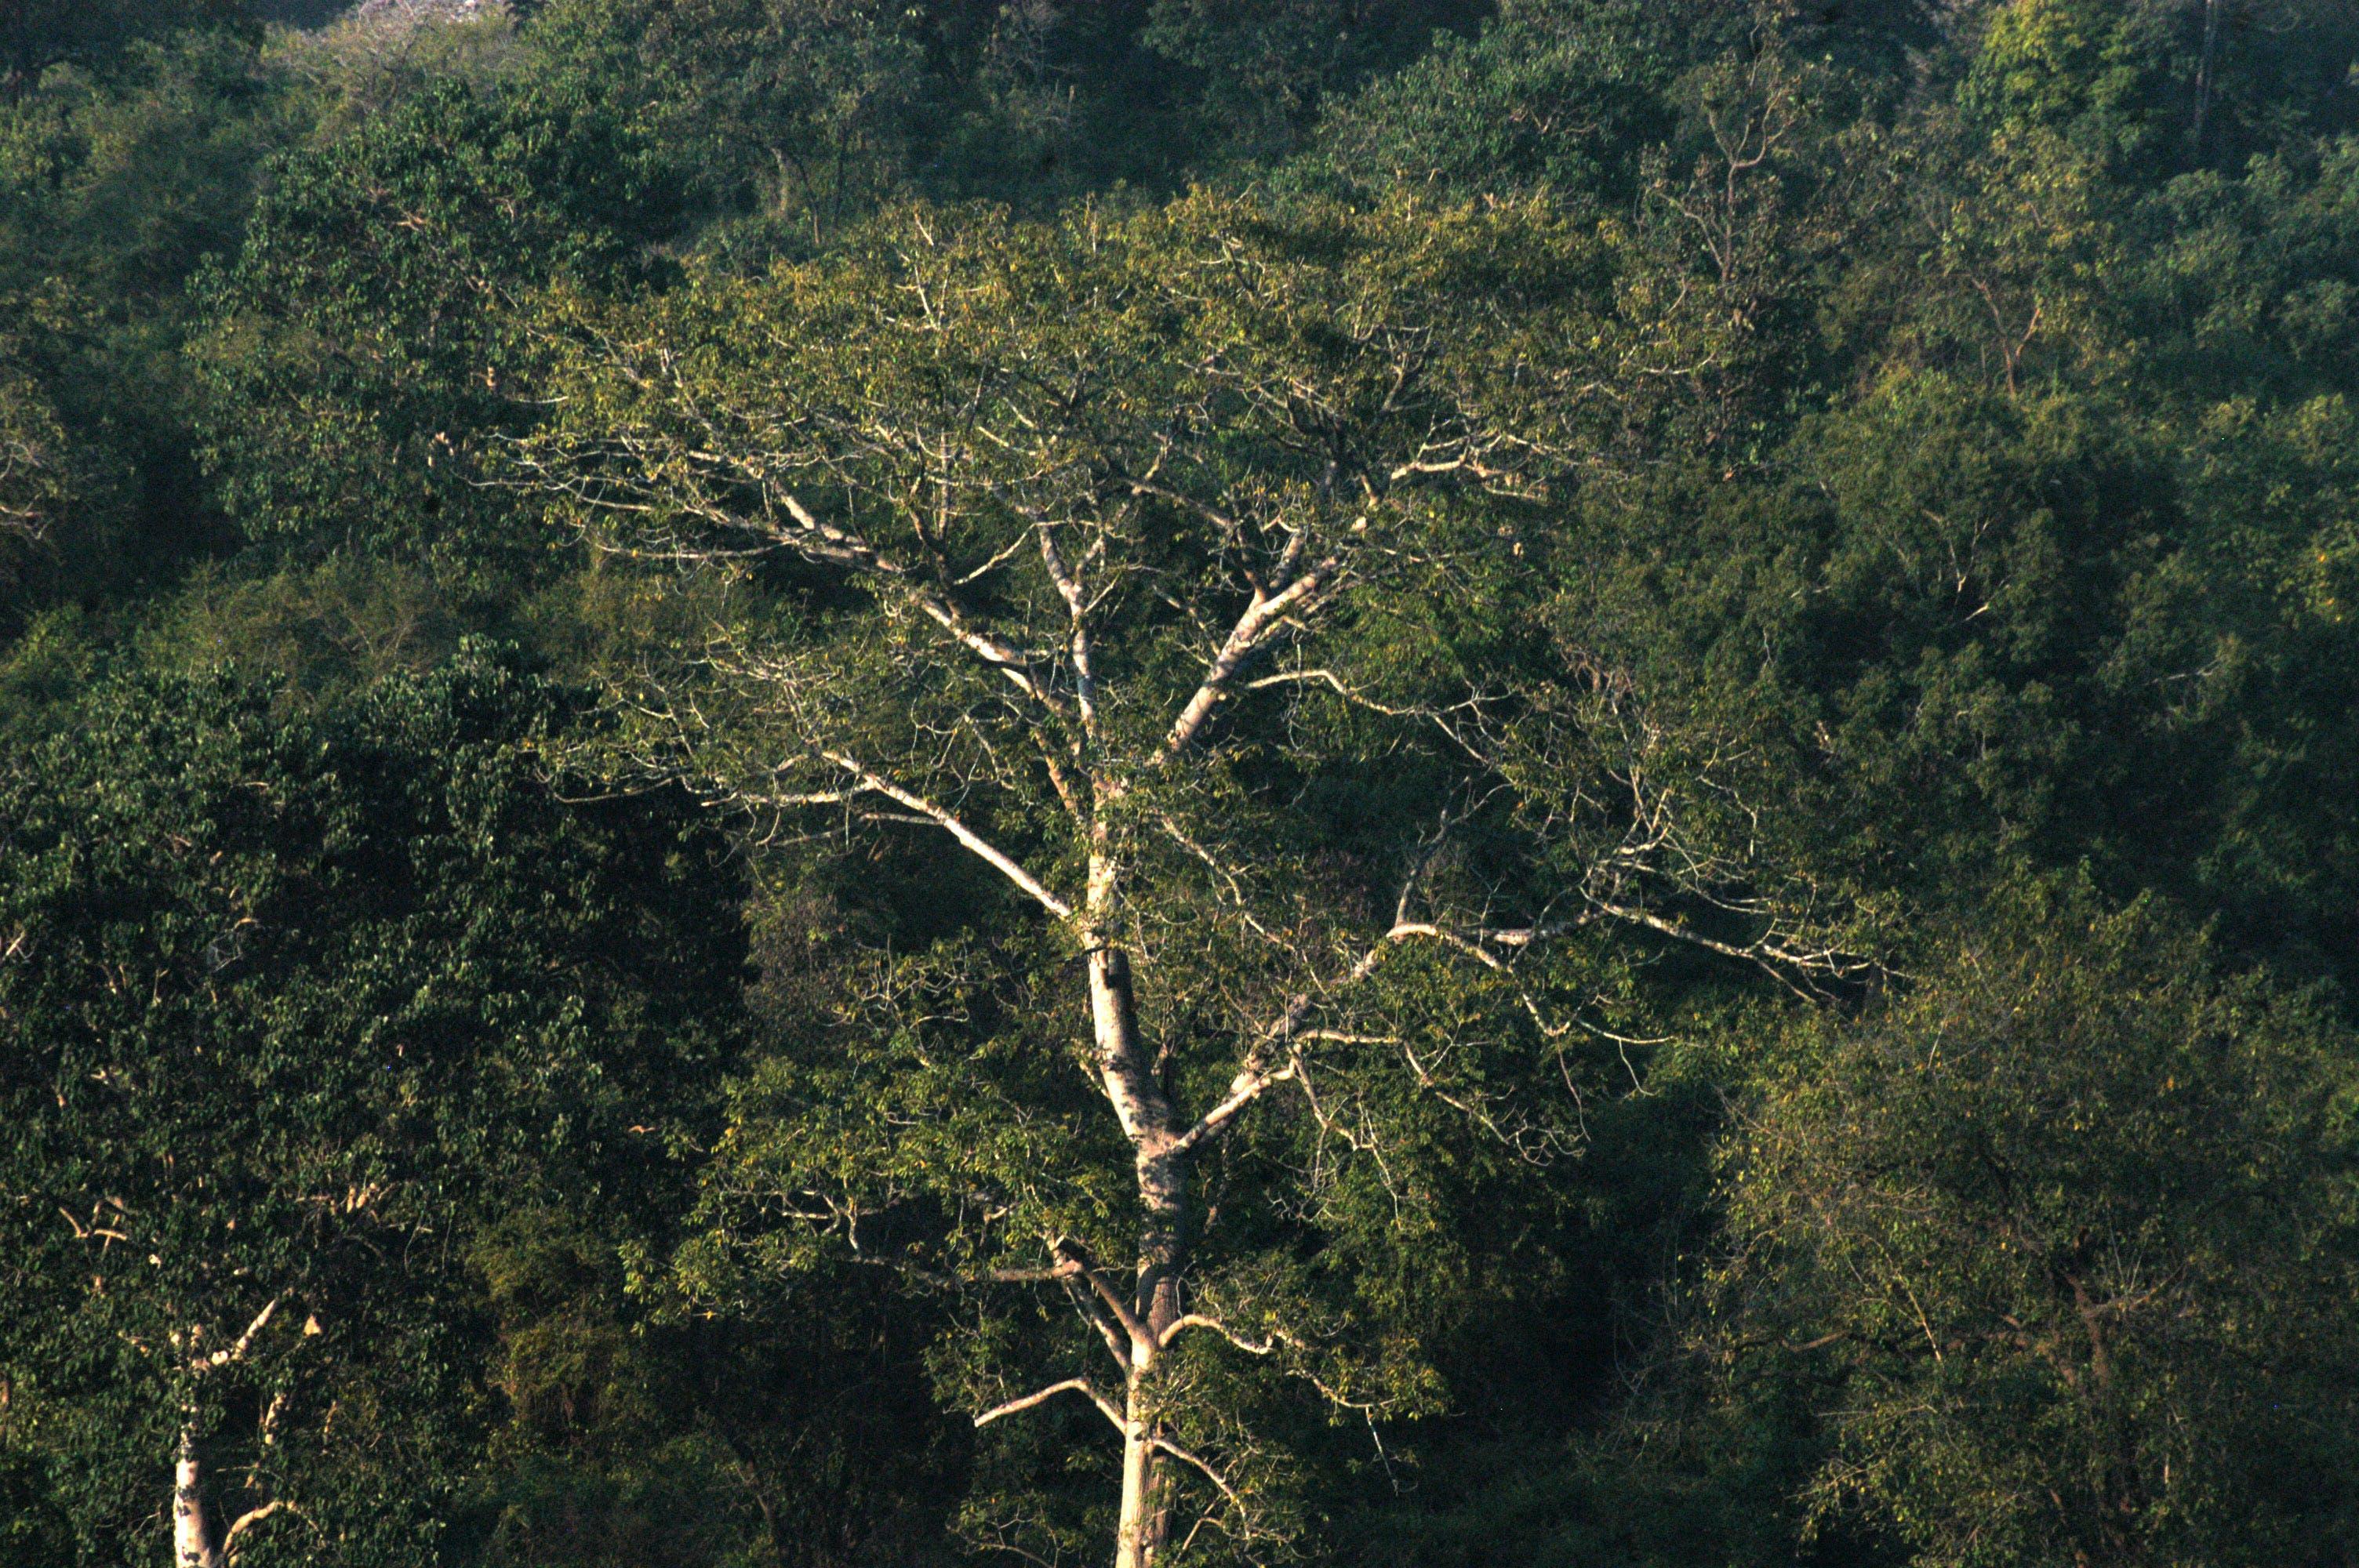 Δωρεάν στοκ φωτογραφιών με γραφικός, δασικός, δέντρα, εποχή